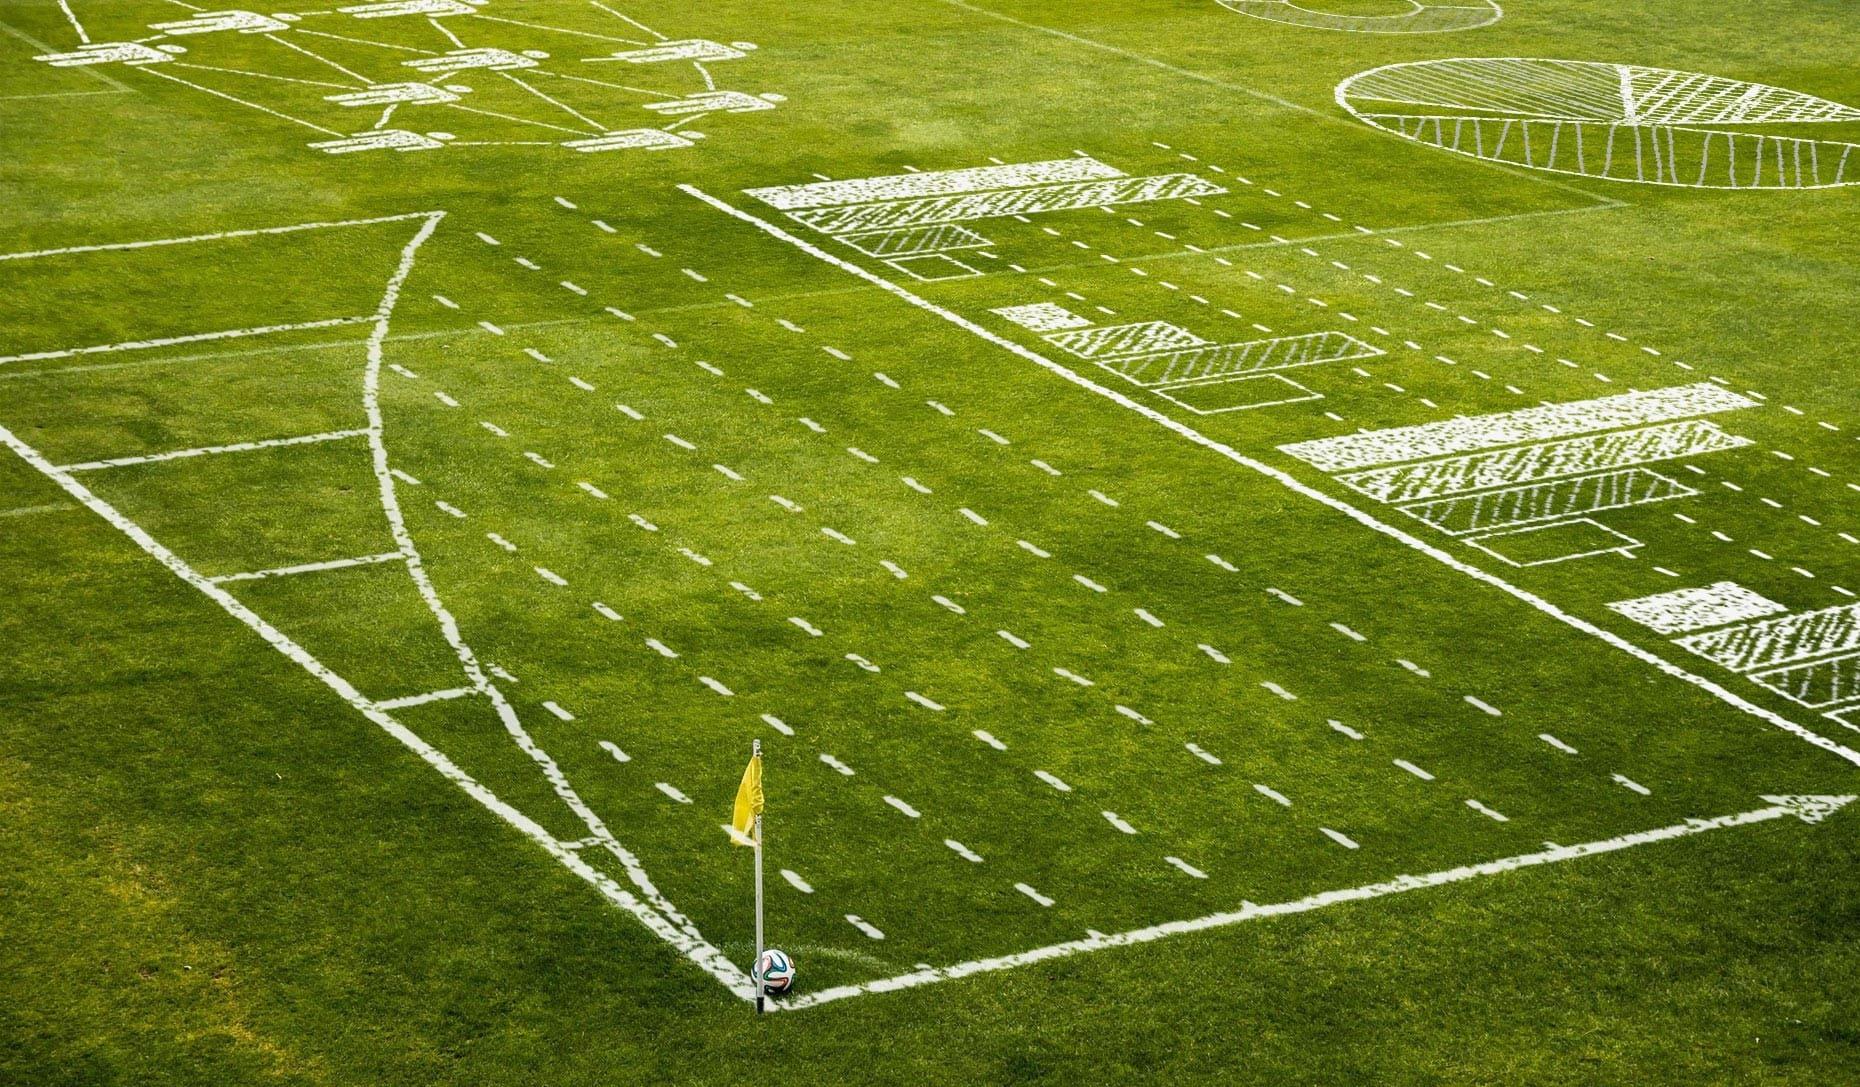 Análisis y scouting en el fútbol